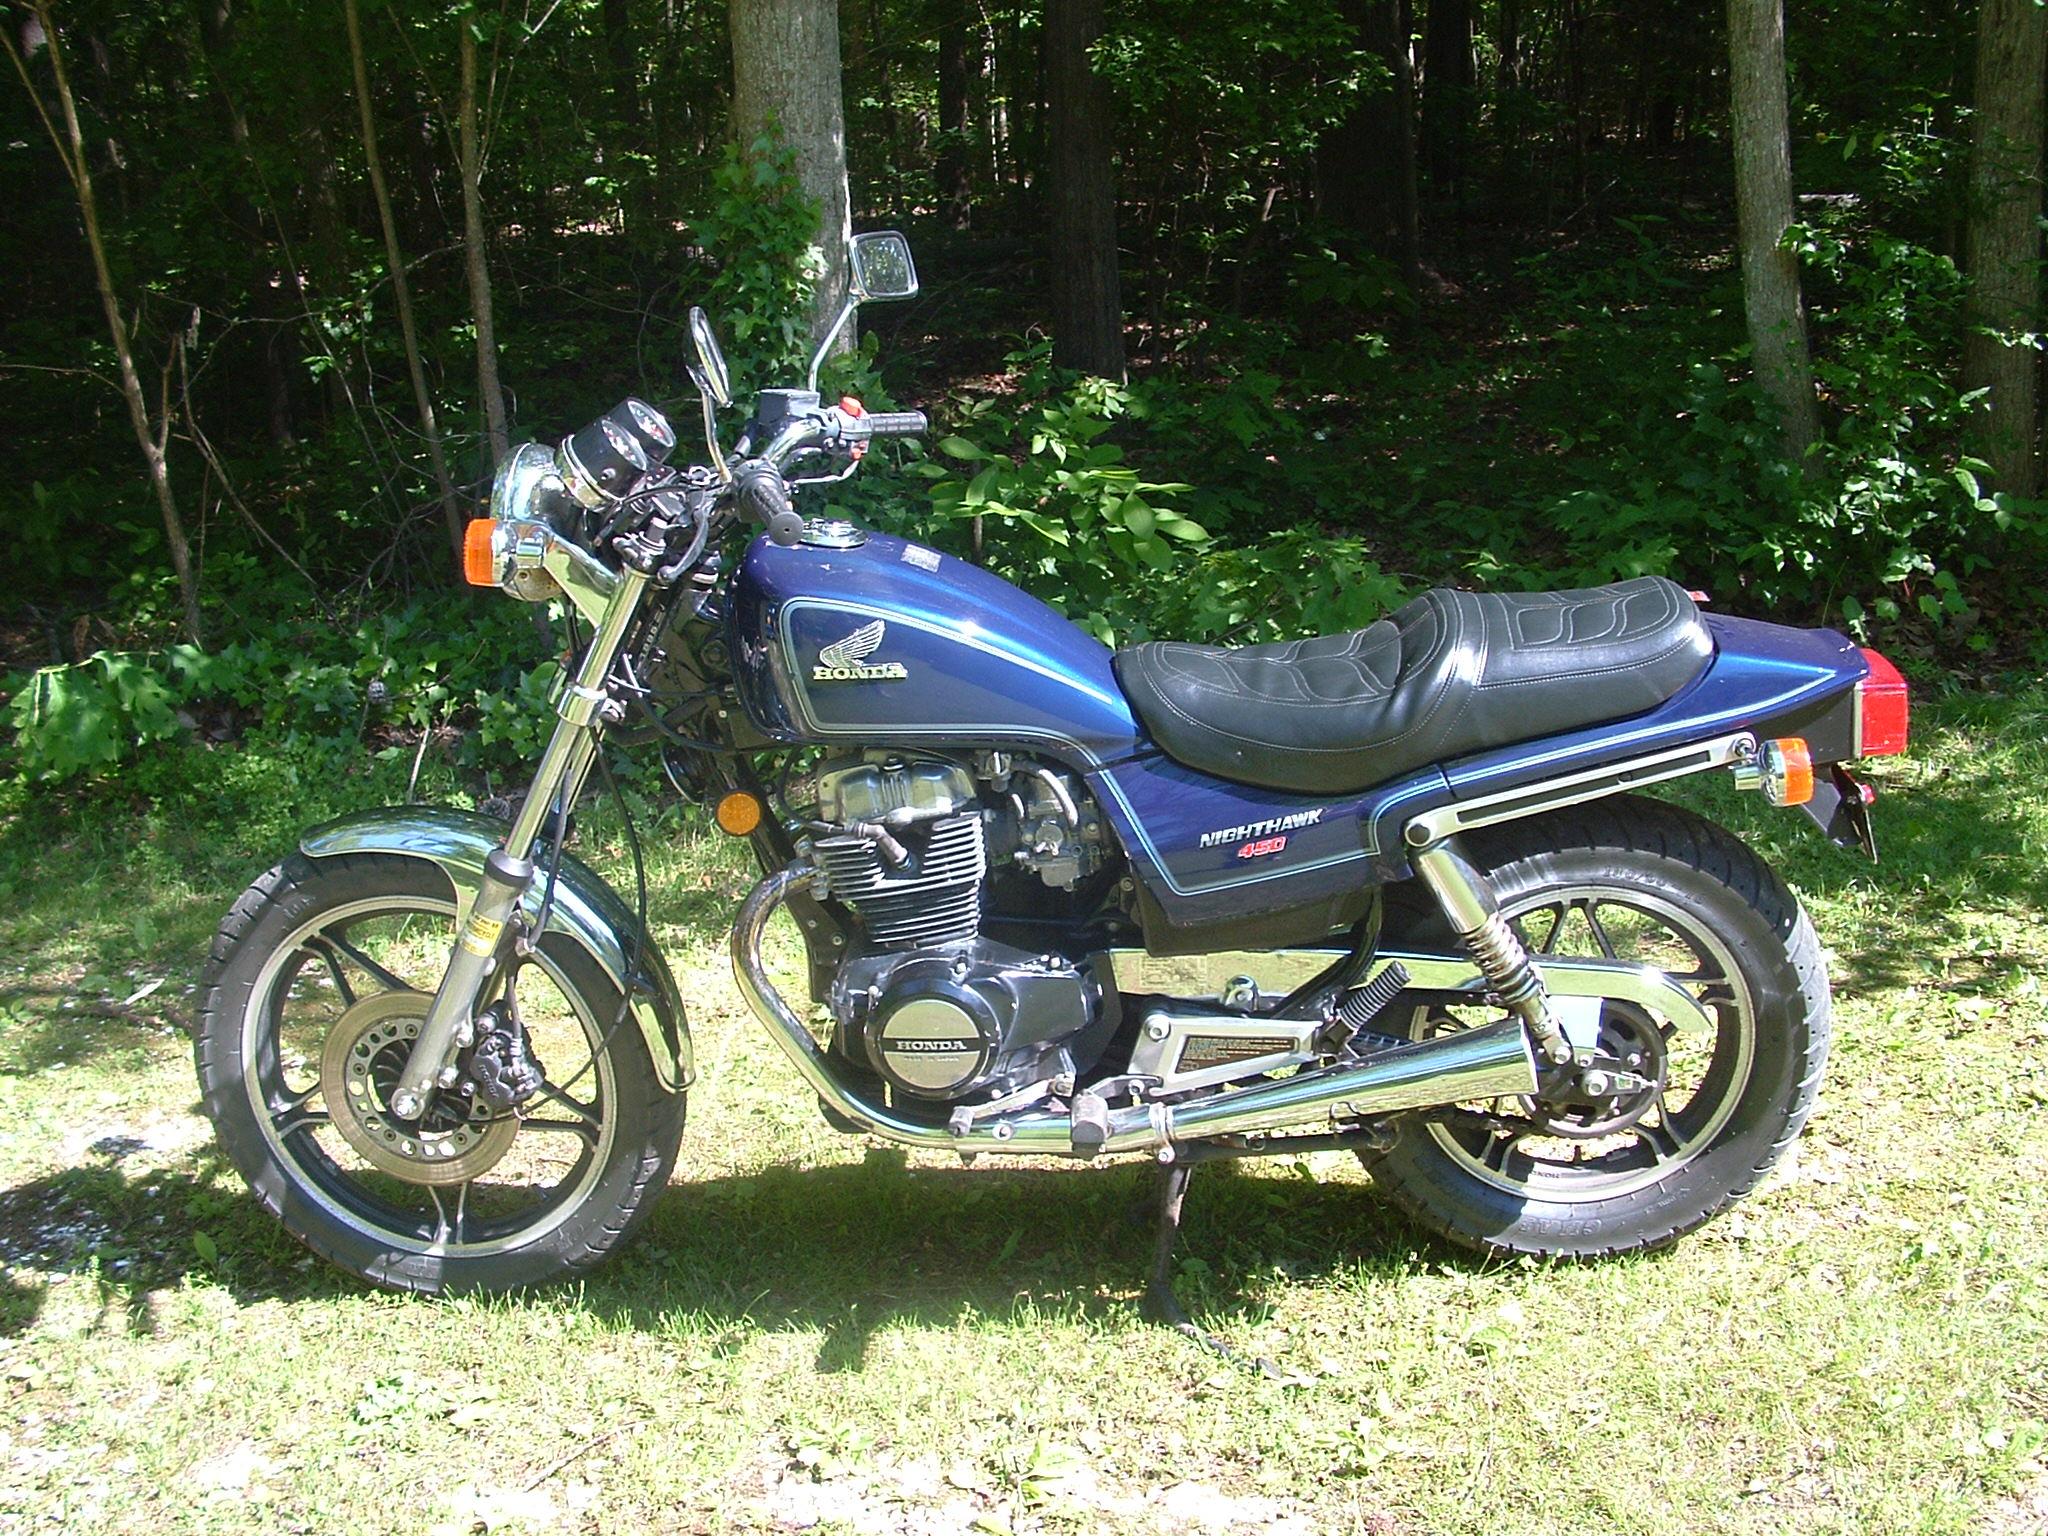 1985 Cm450sc Nighthawk